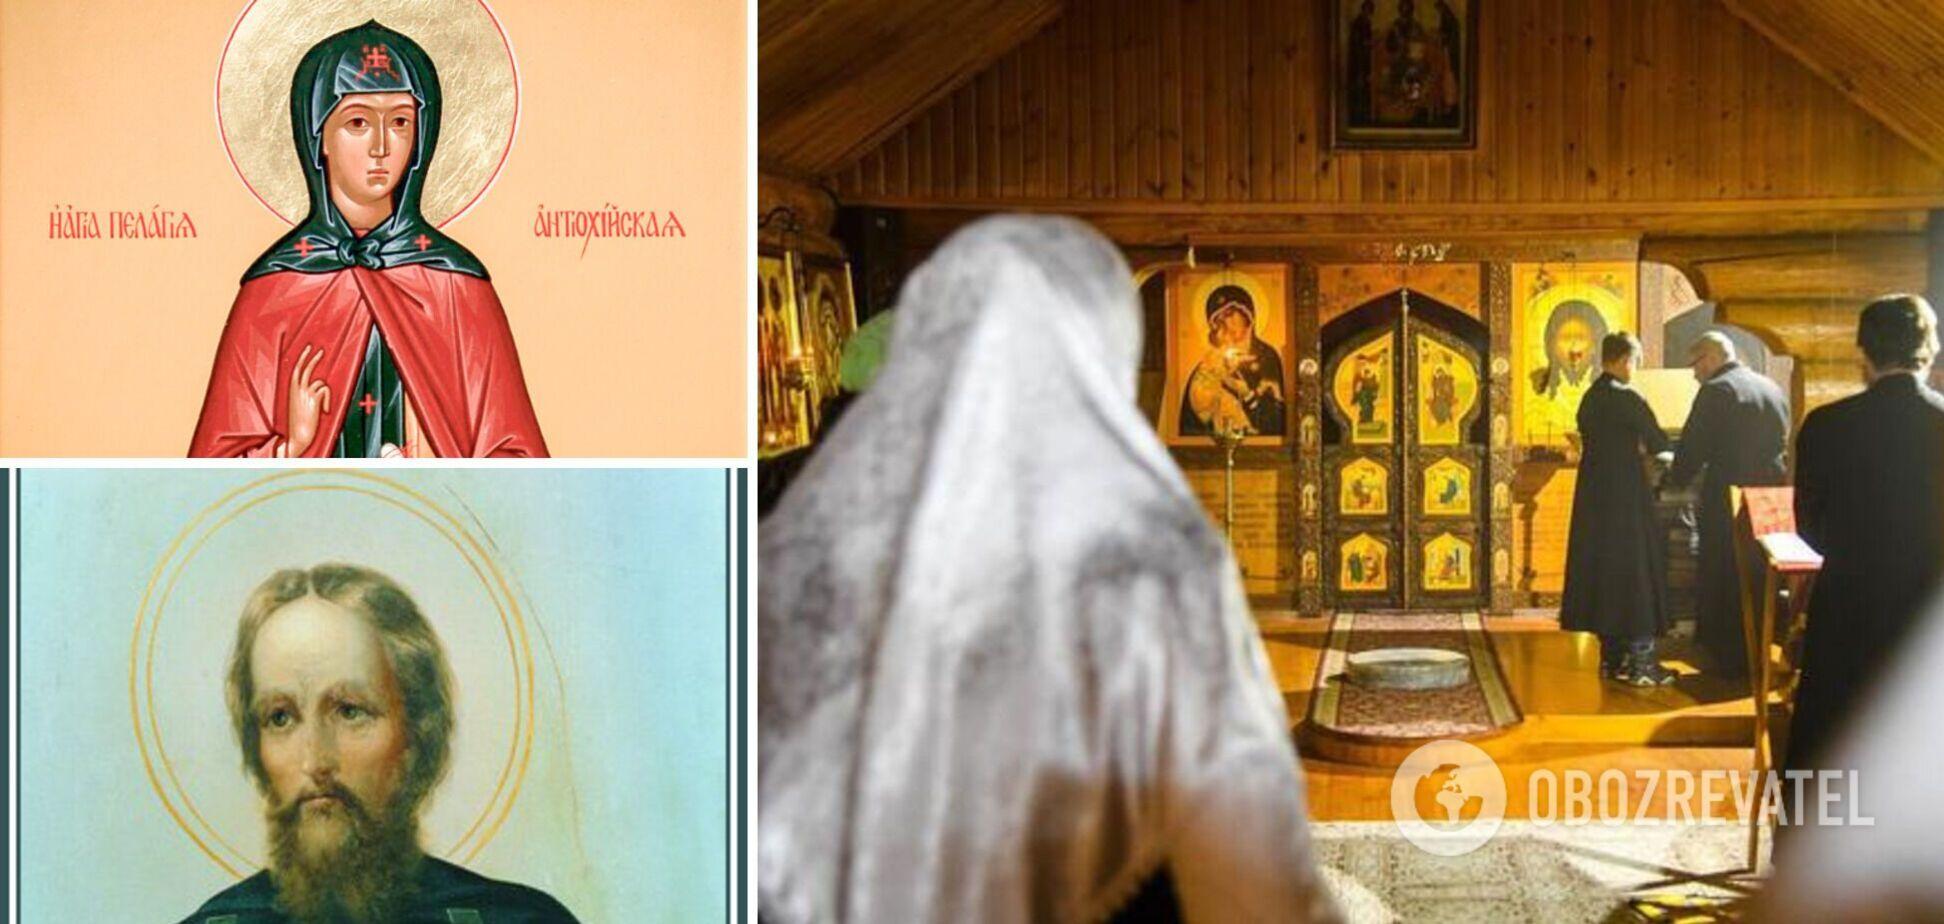 Праздник 21 октября: что нельзя делать на Пелагии и Досифея, народные приметы и именины